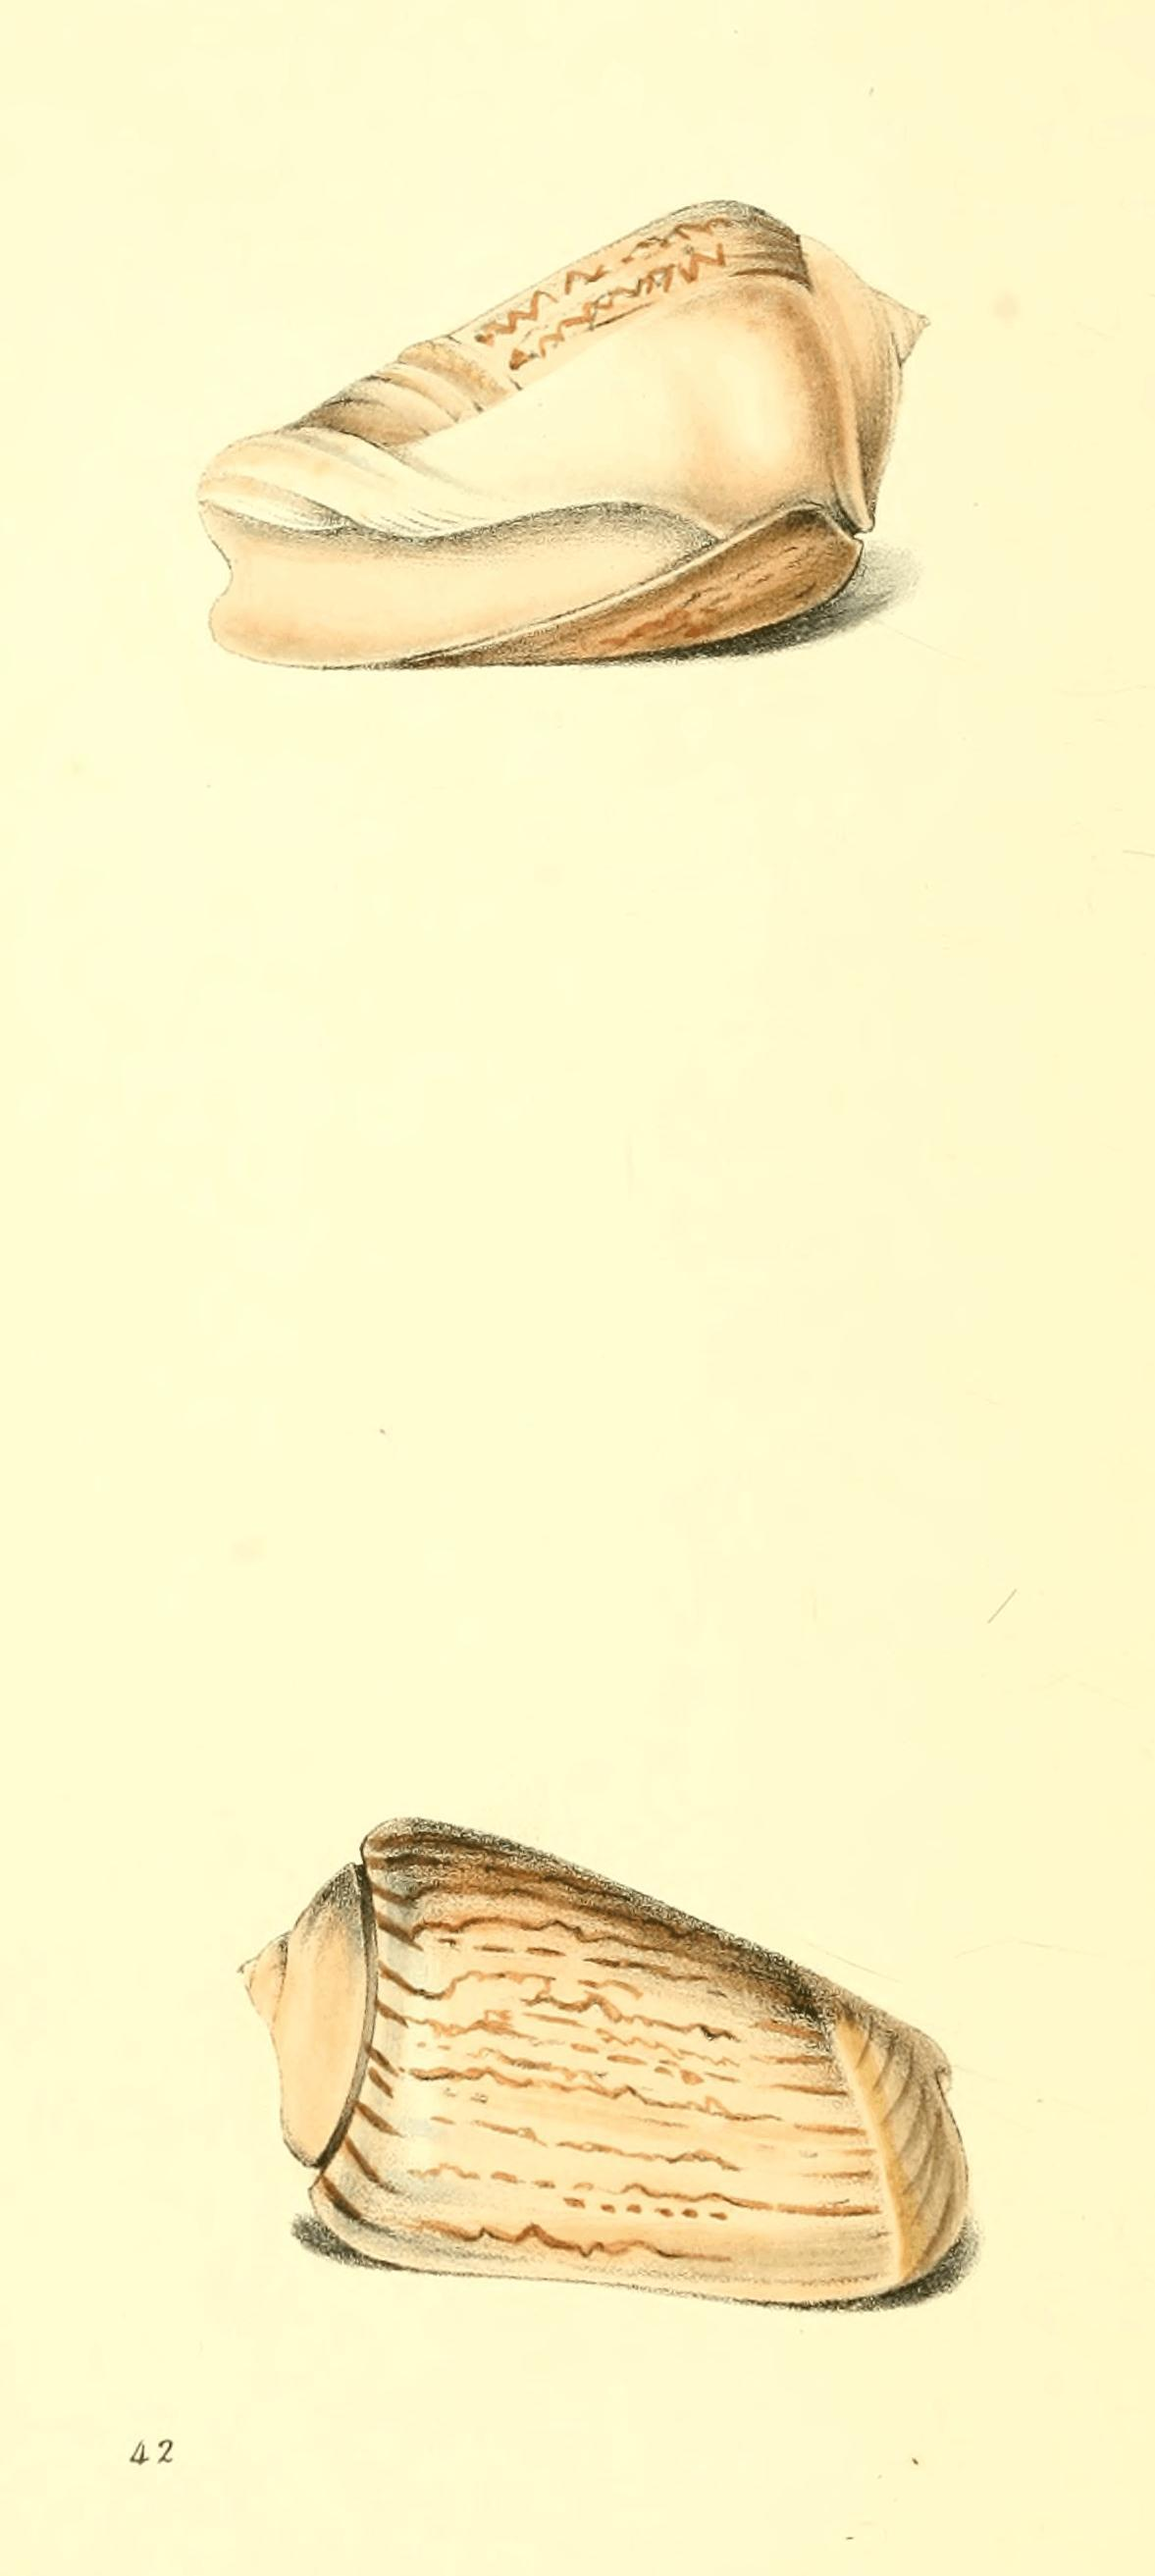 Image of bear ancilla